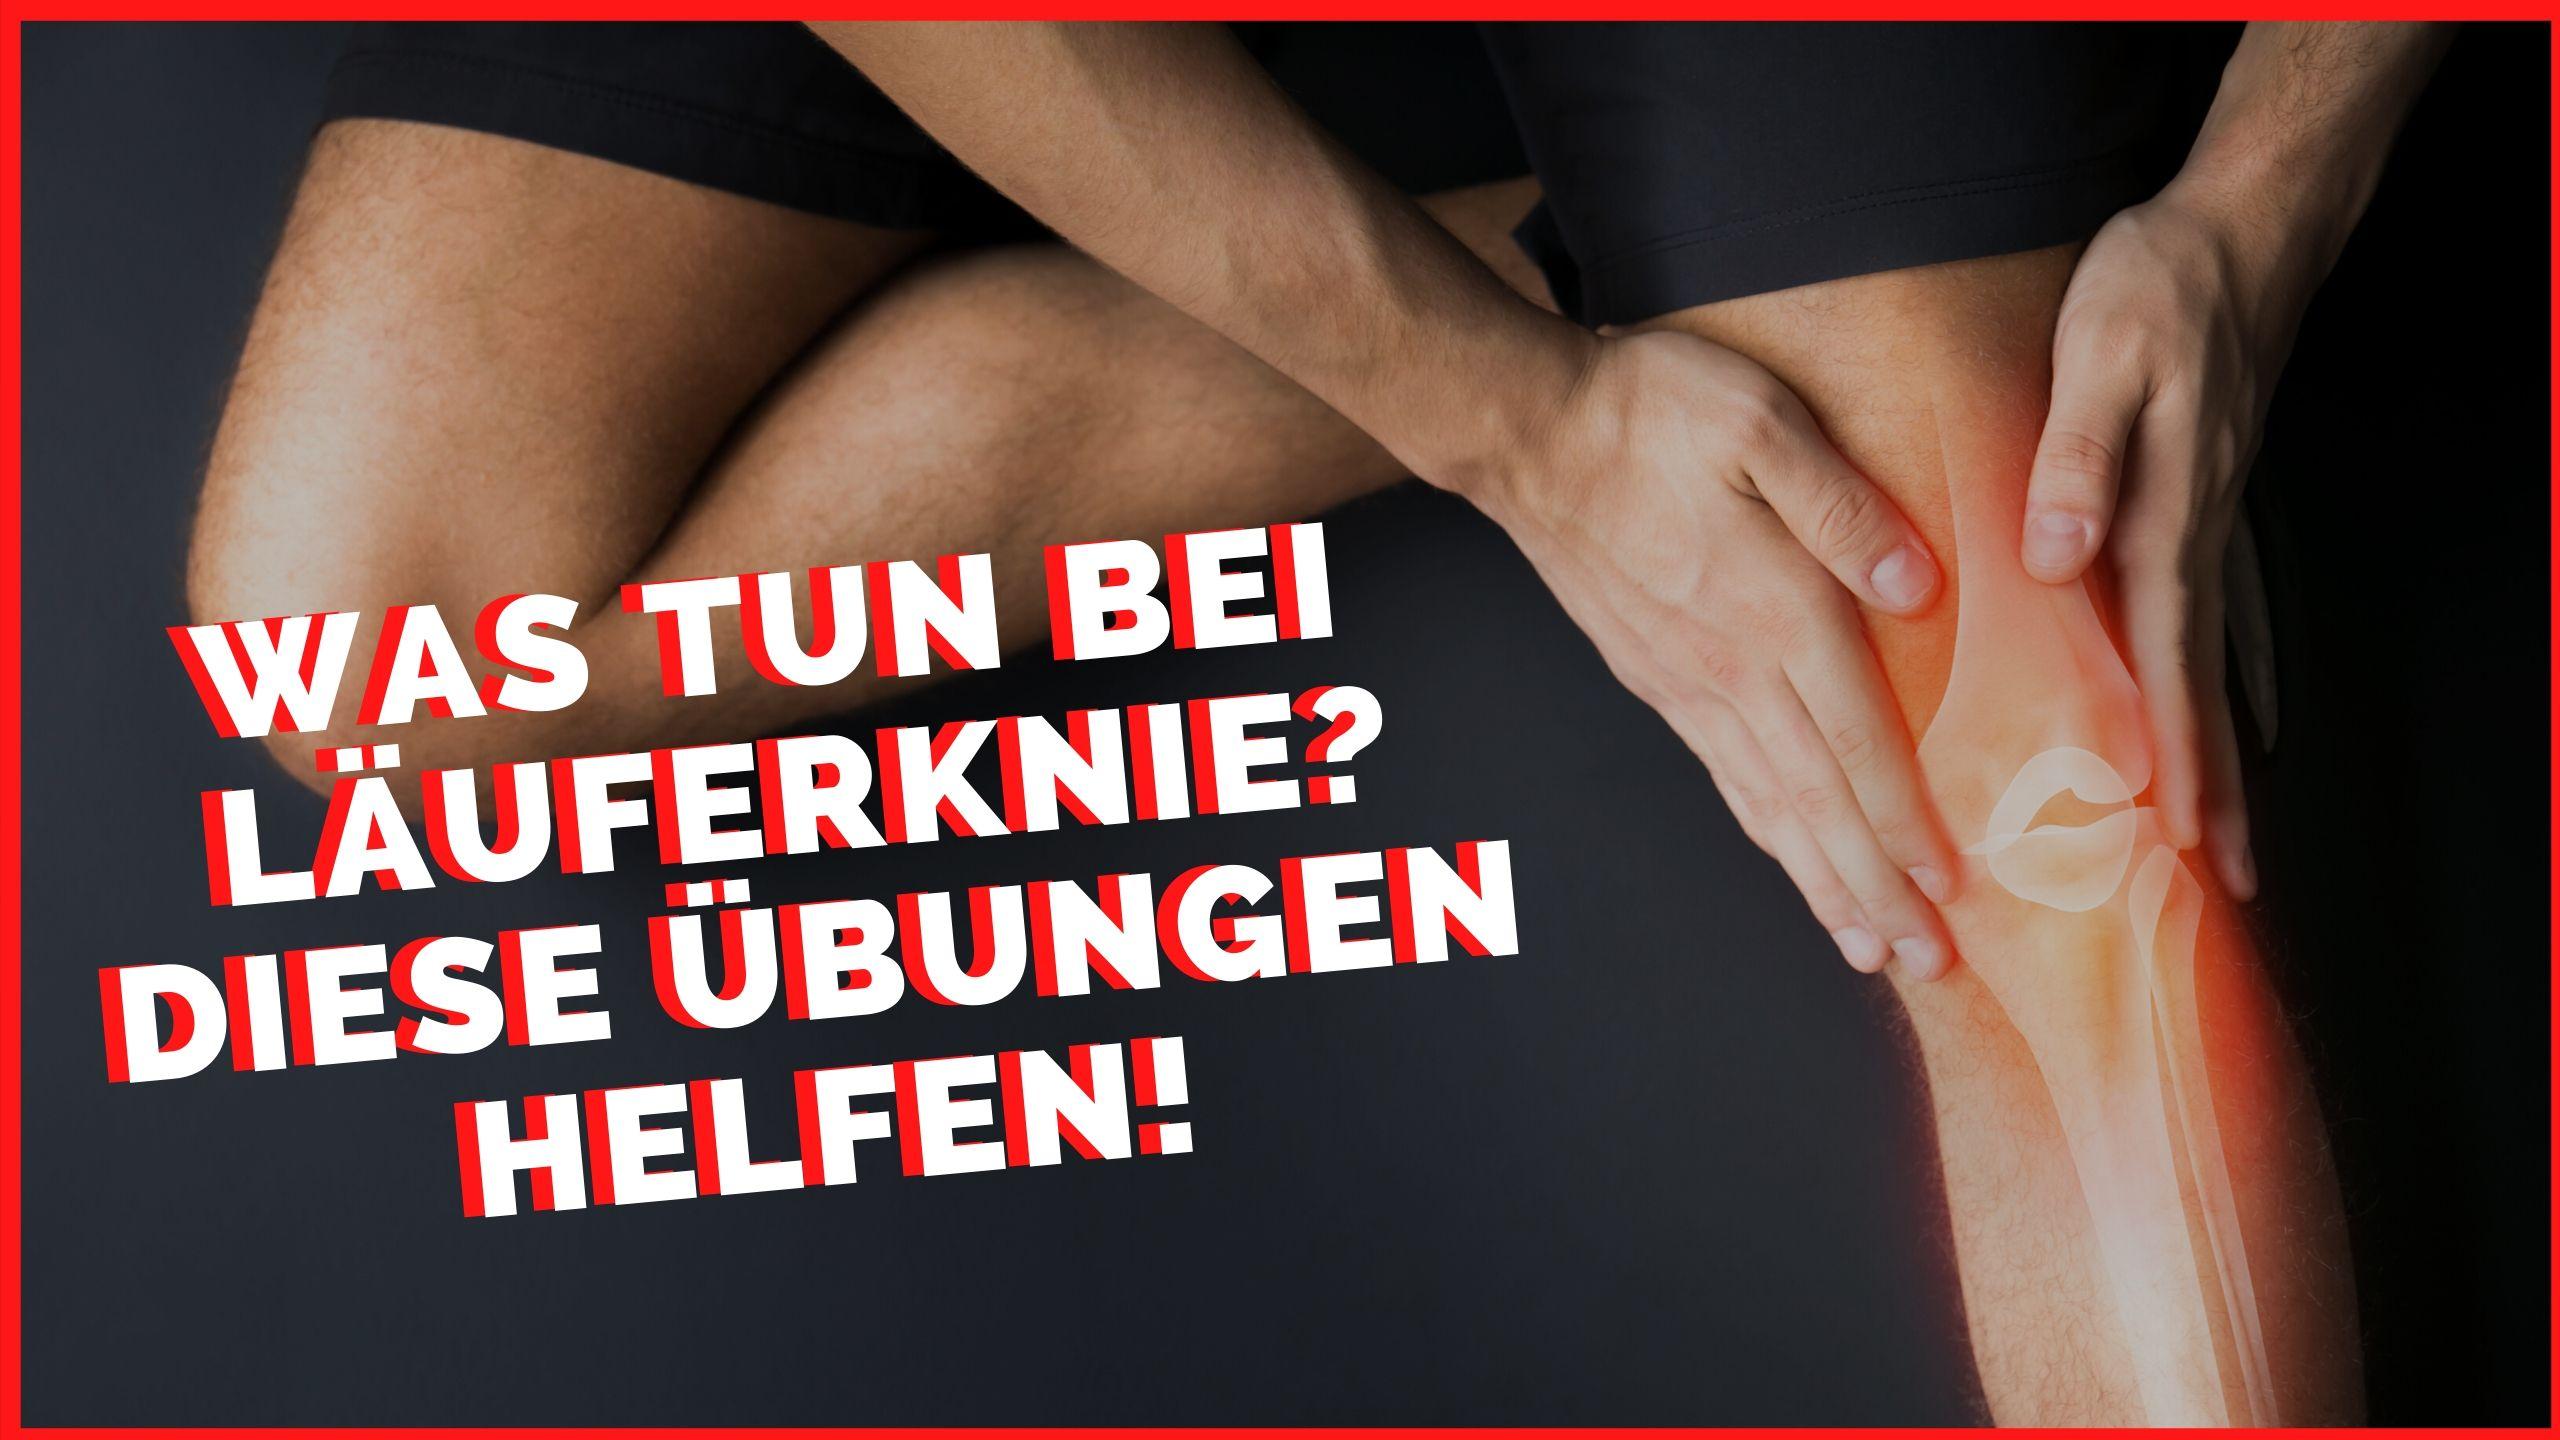 Läuferknie vorbeugen Wie vermeide ich das Läuferknie